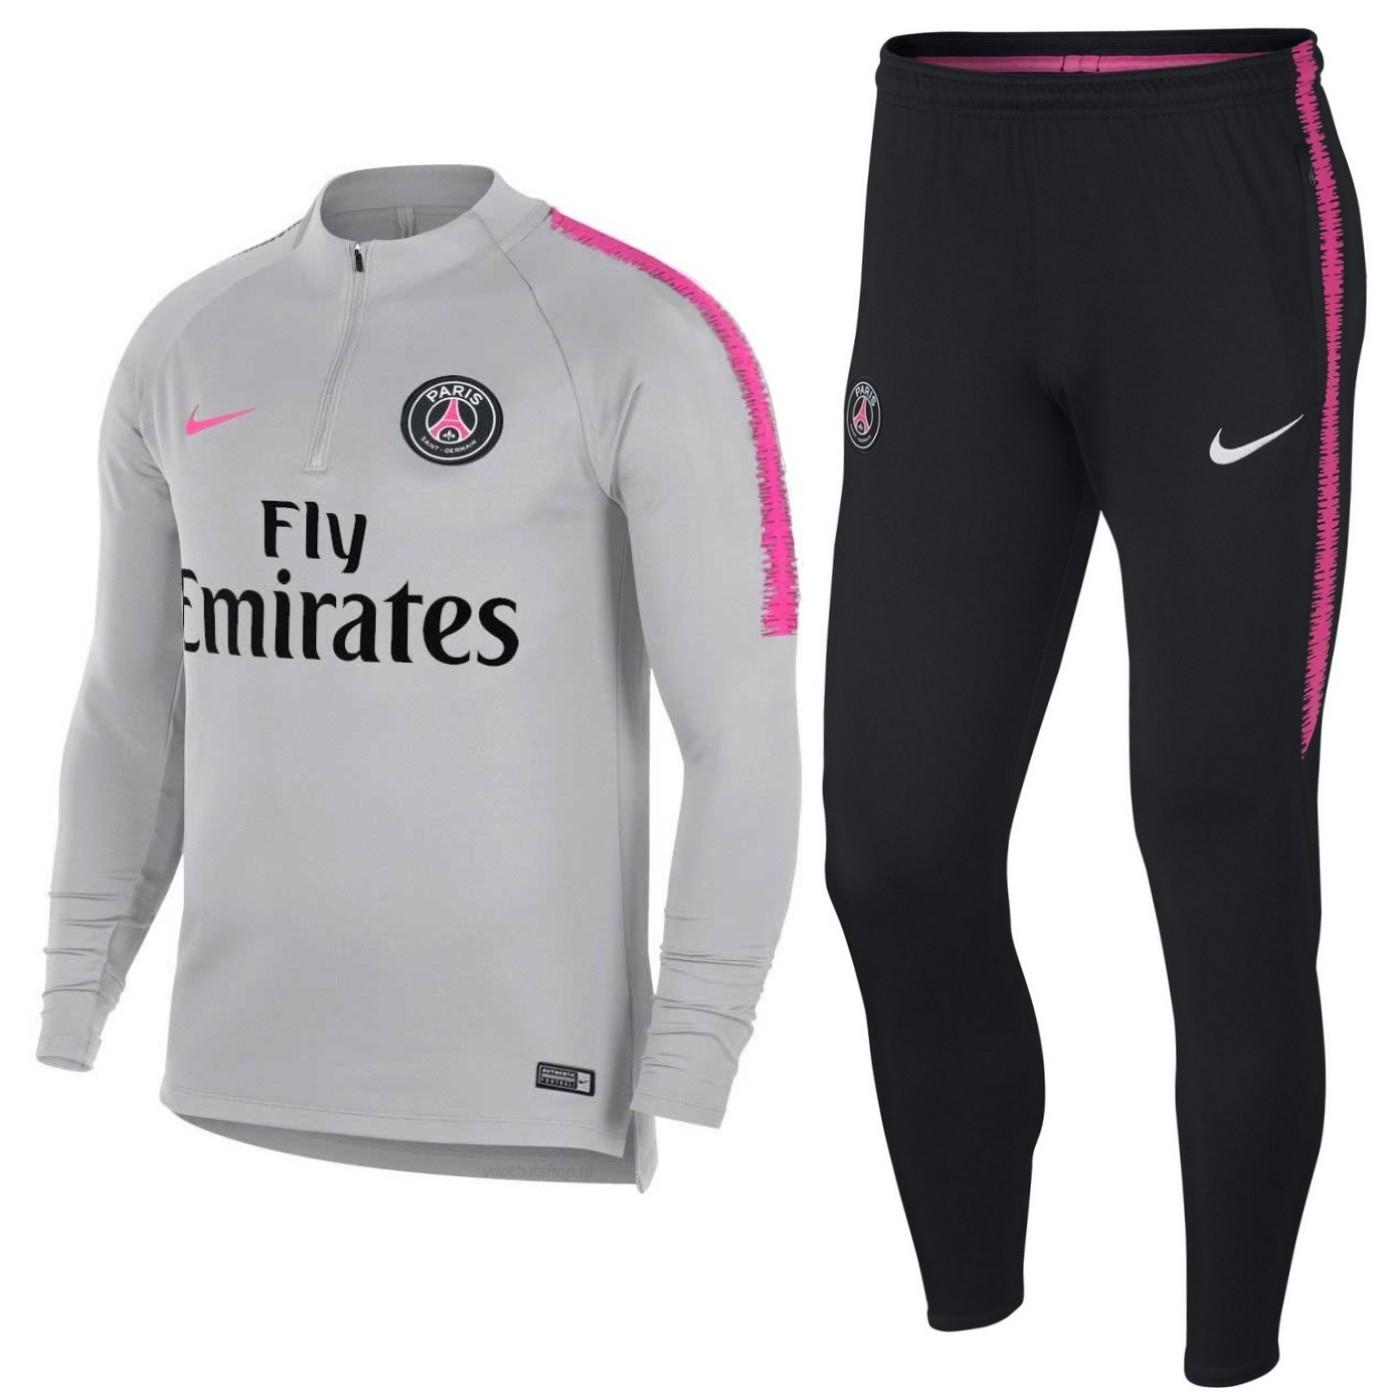 Tuta tecnica da allenamento PSG Paris Saint Germain 2018/19 - Nike